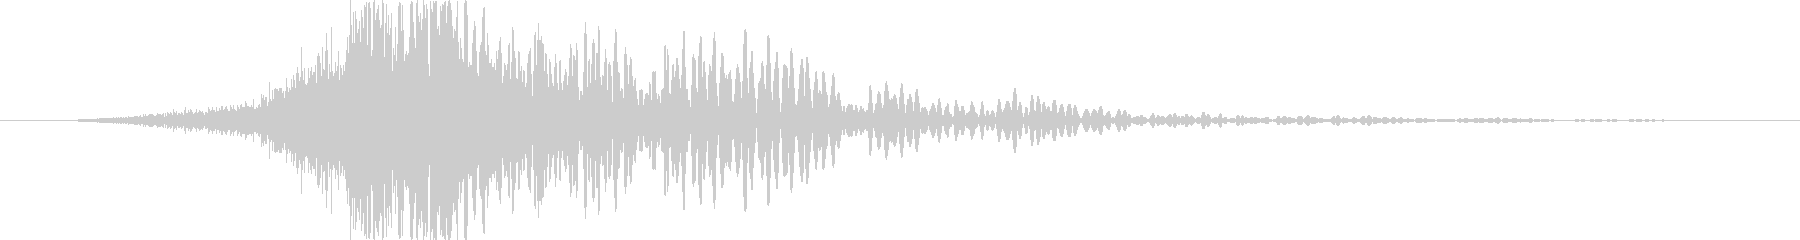 トランジション プロモーションパッド72の未再生の波形